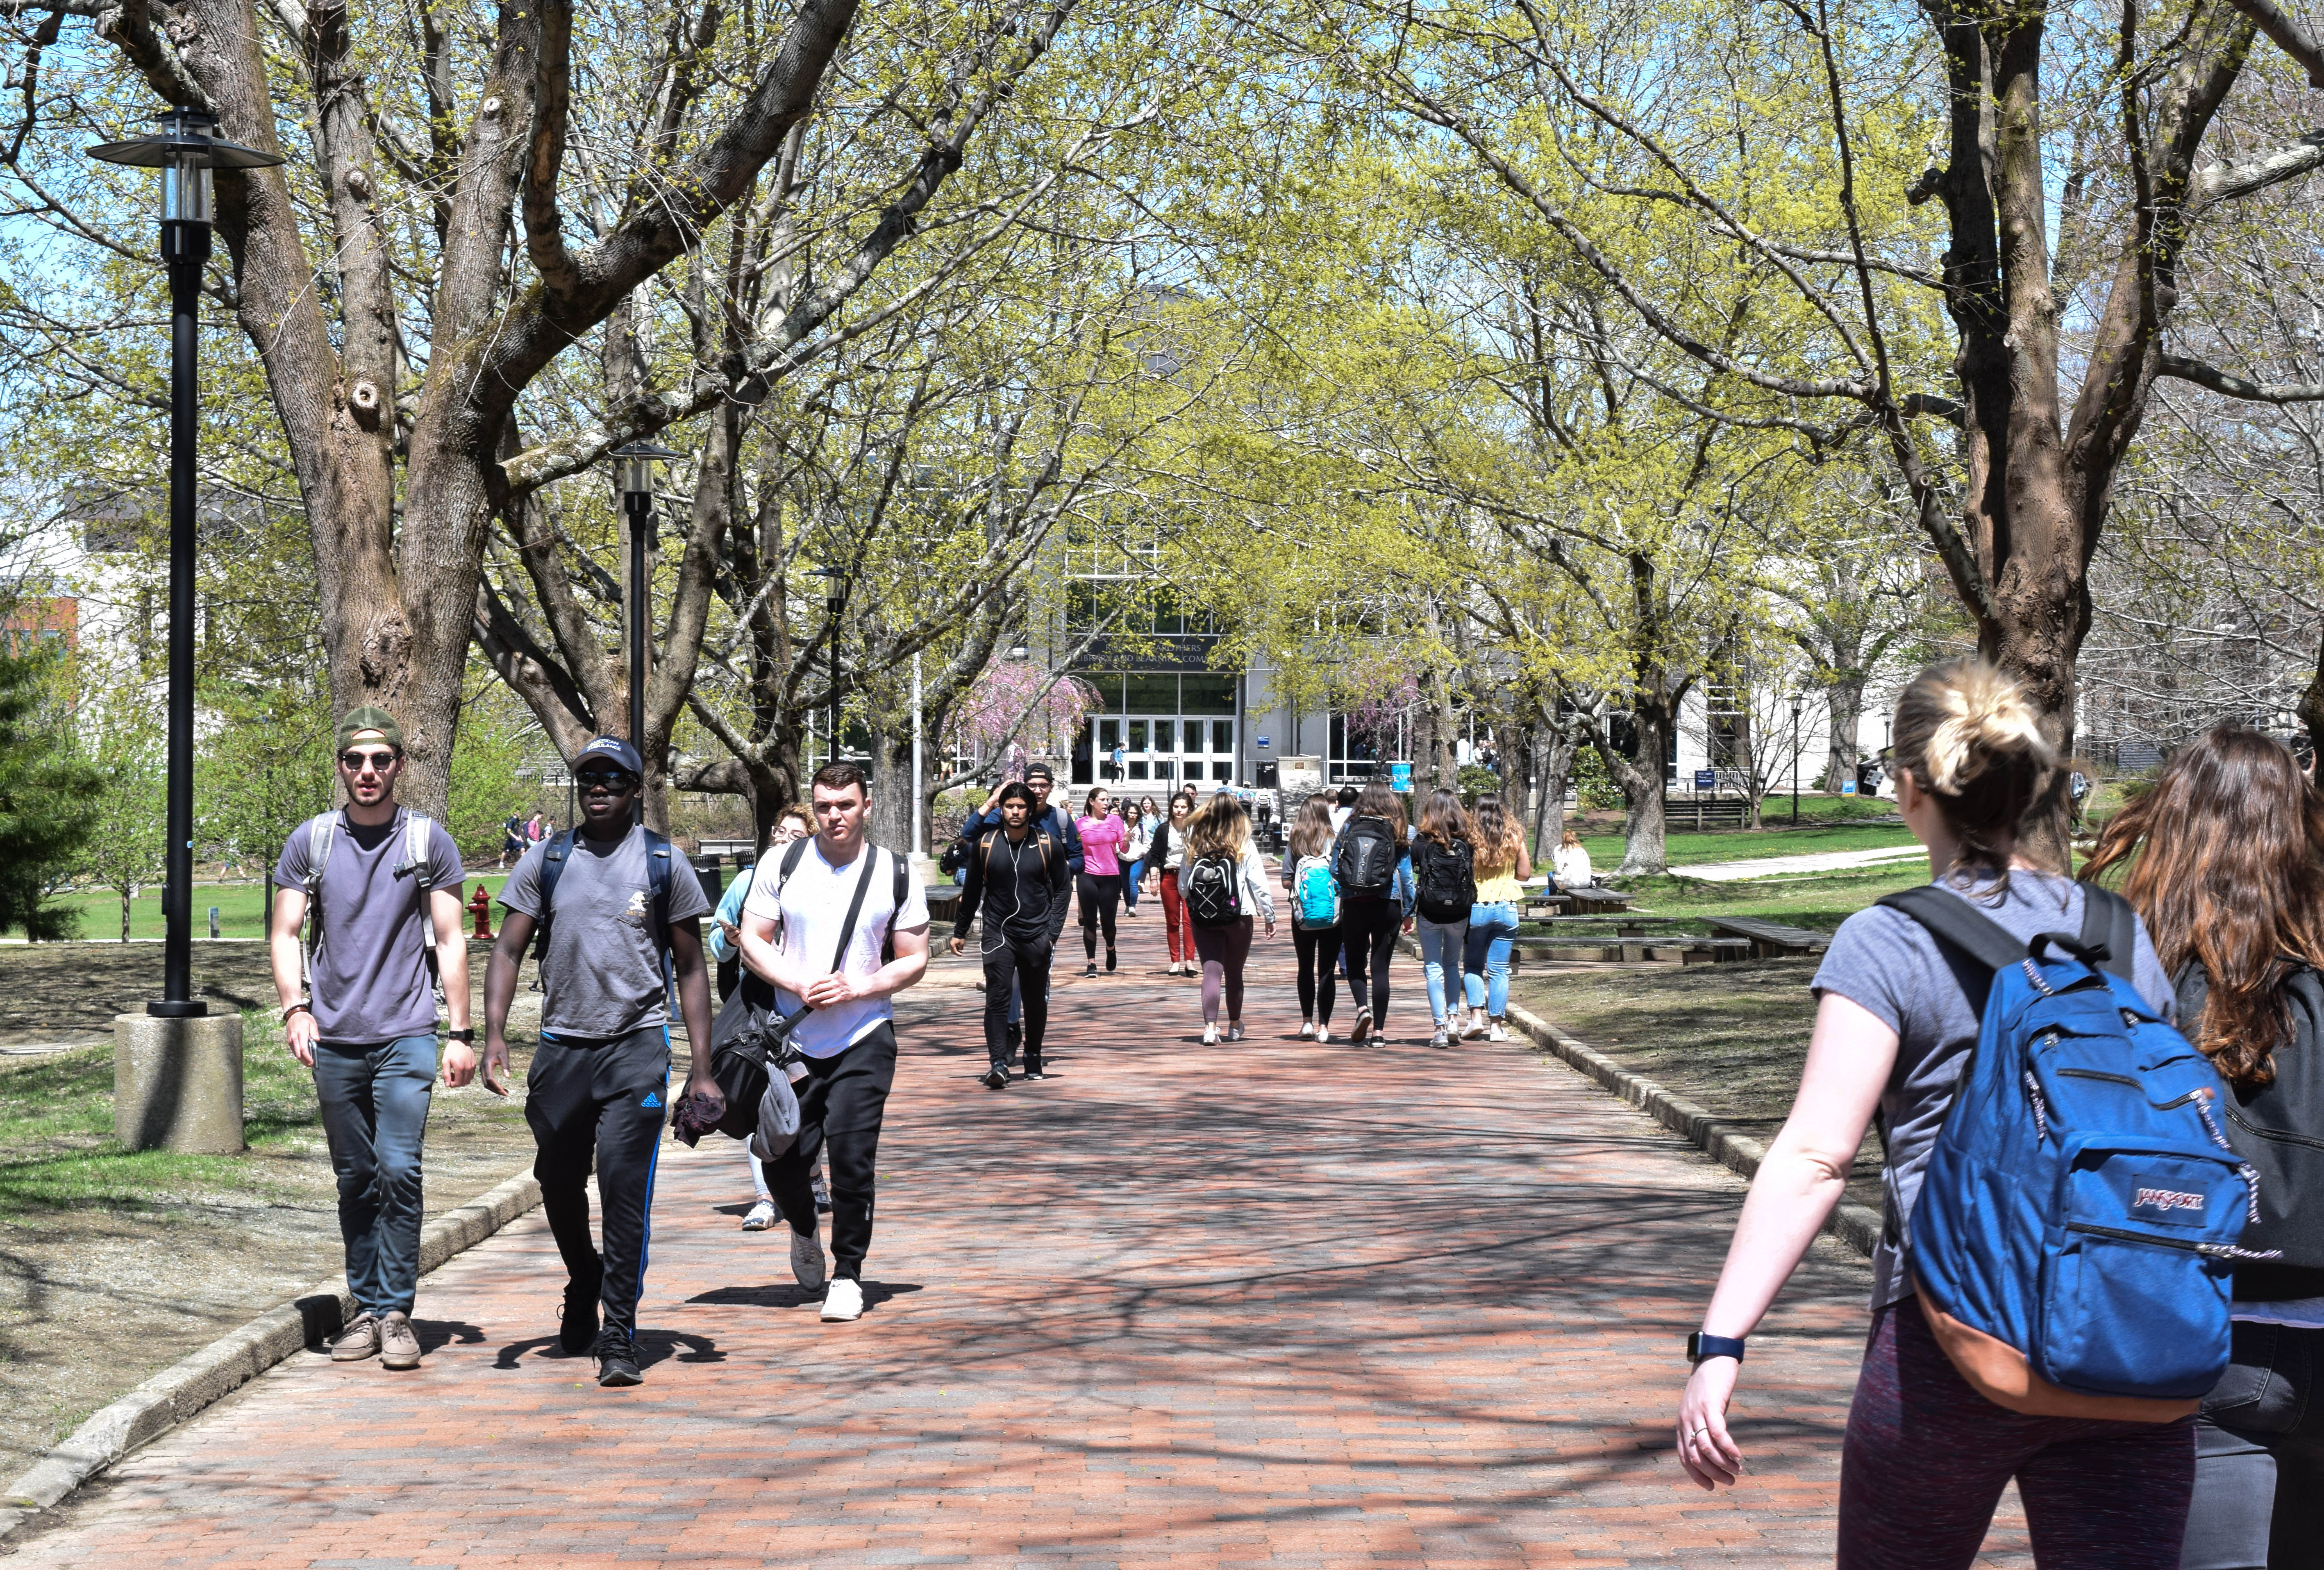 Campus Diversity has Uncertain Future